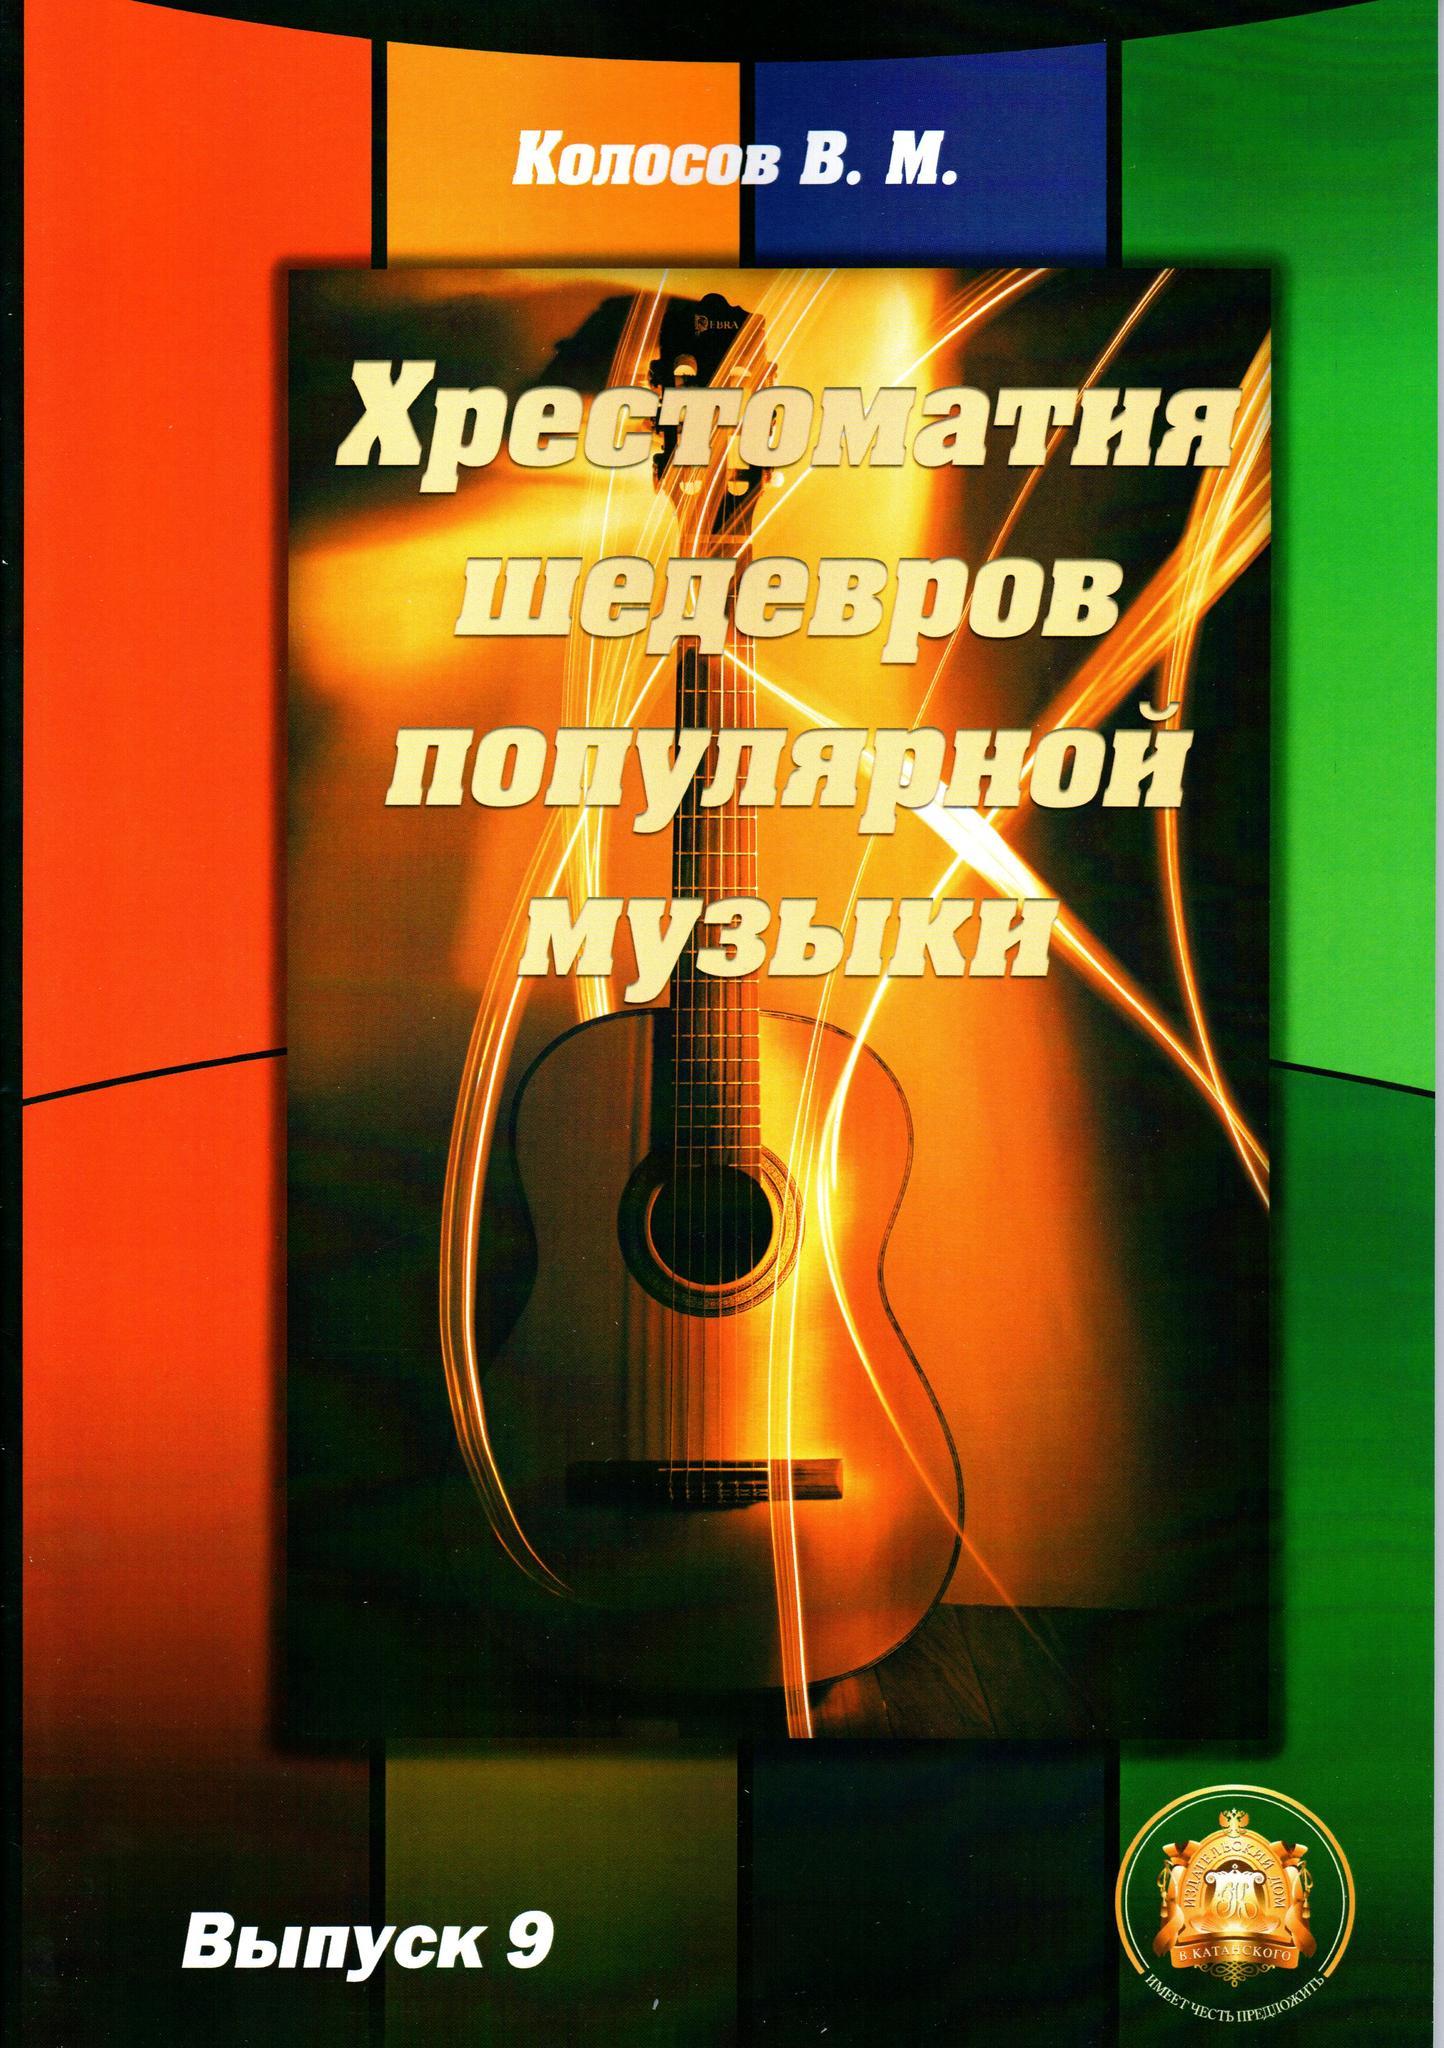 Колосов В. М. Хрестоматия шедевров популярной музыки. Тетрадь 9.